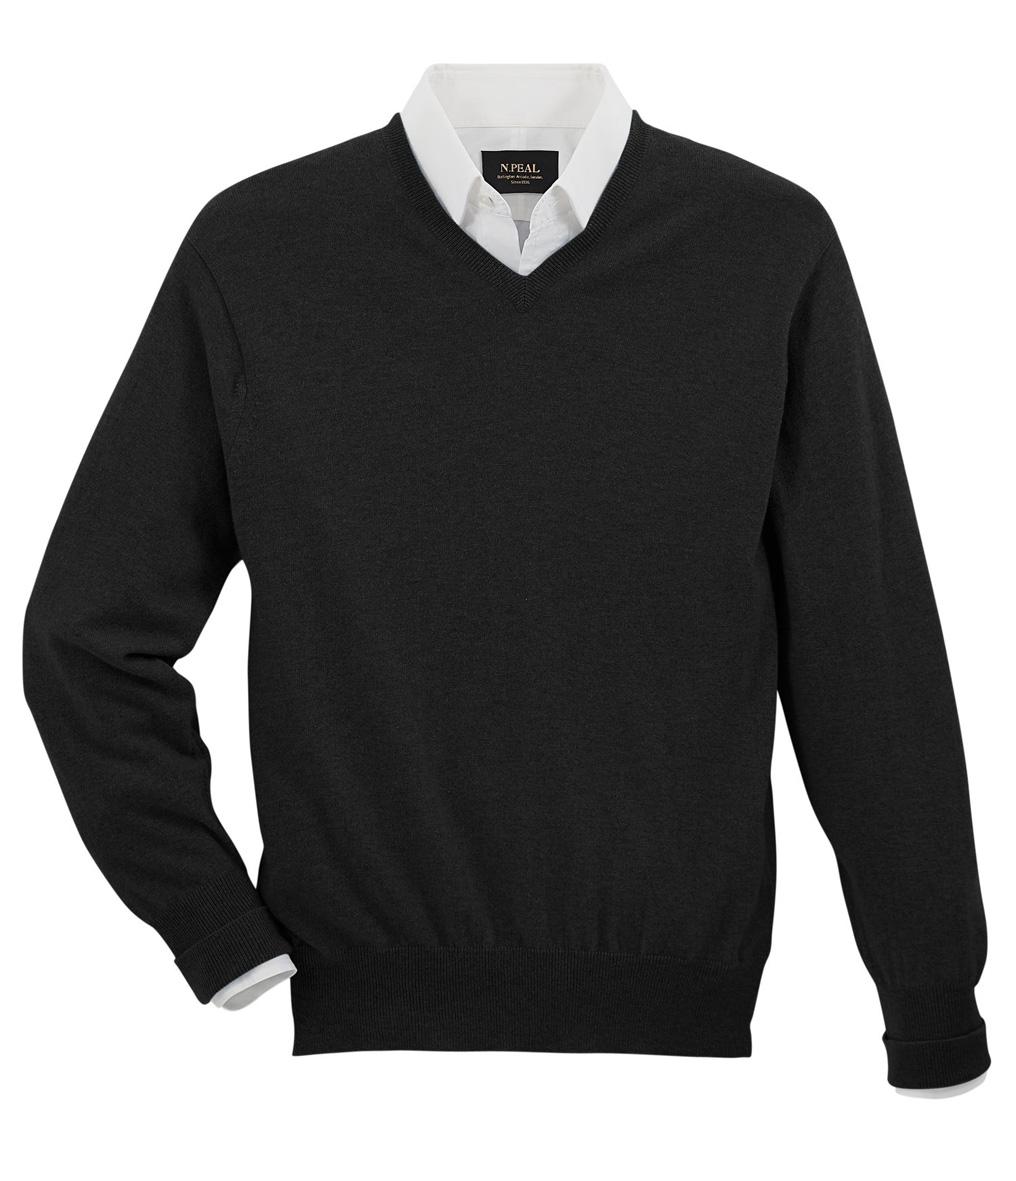 23503522a16 Klasický černý svetr s výstřihem do V